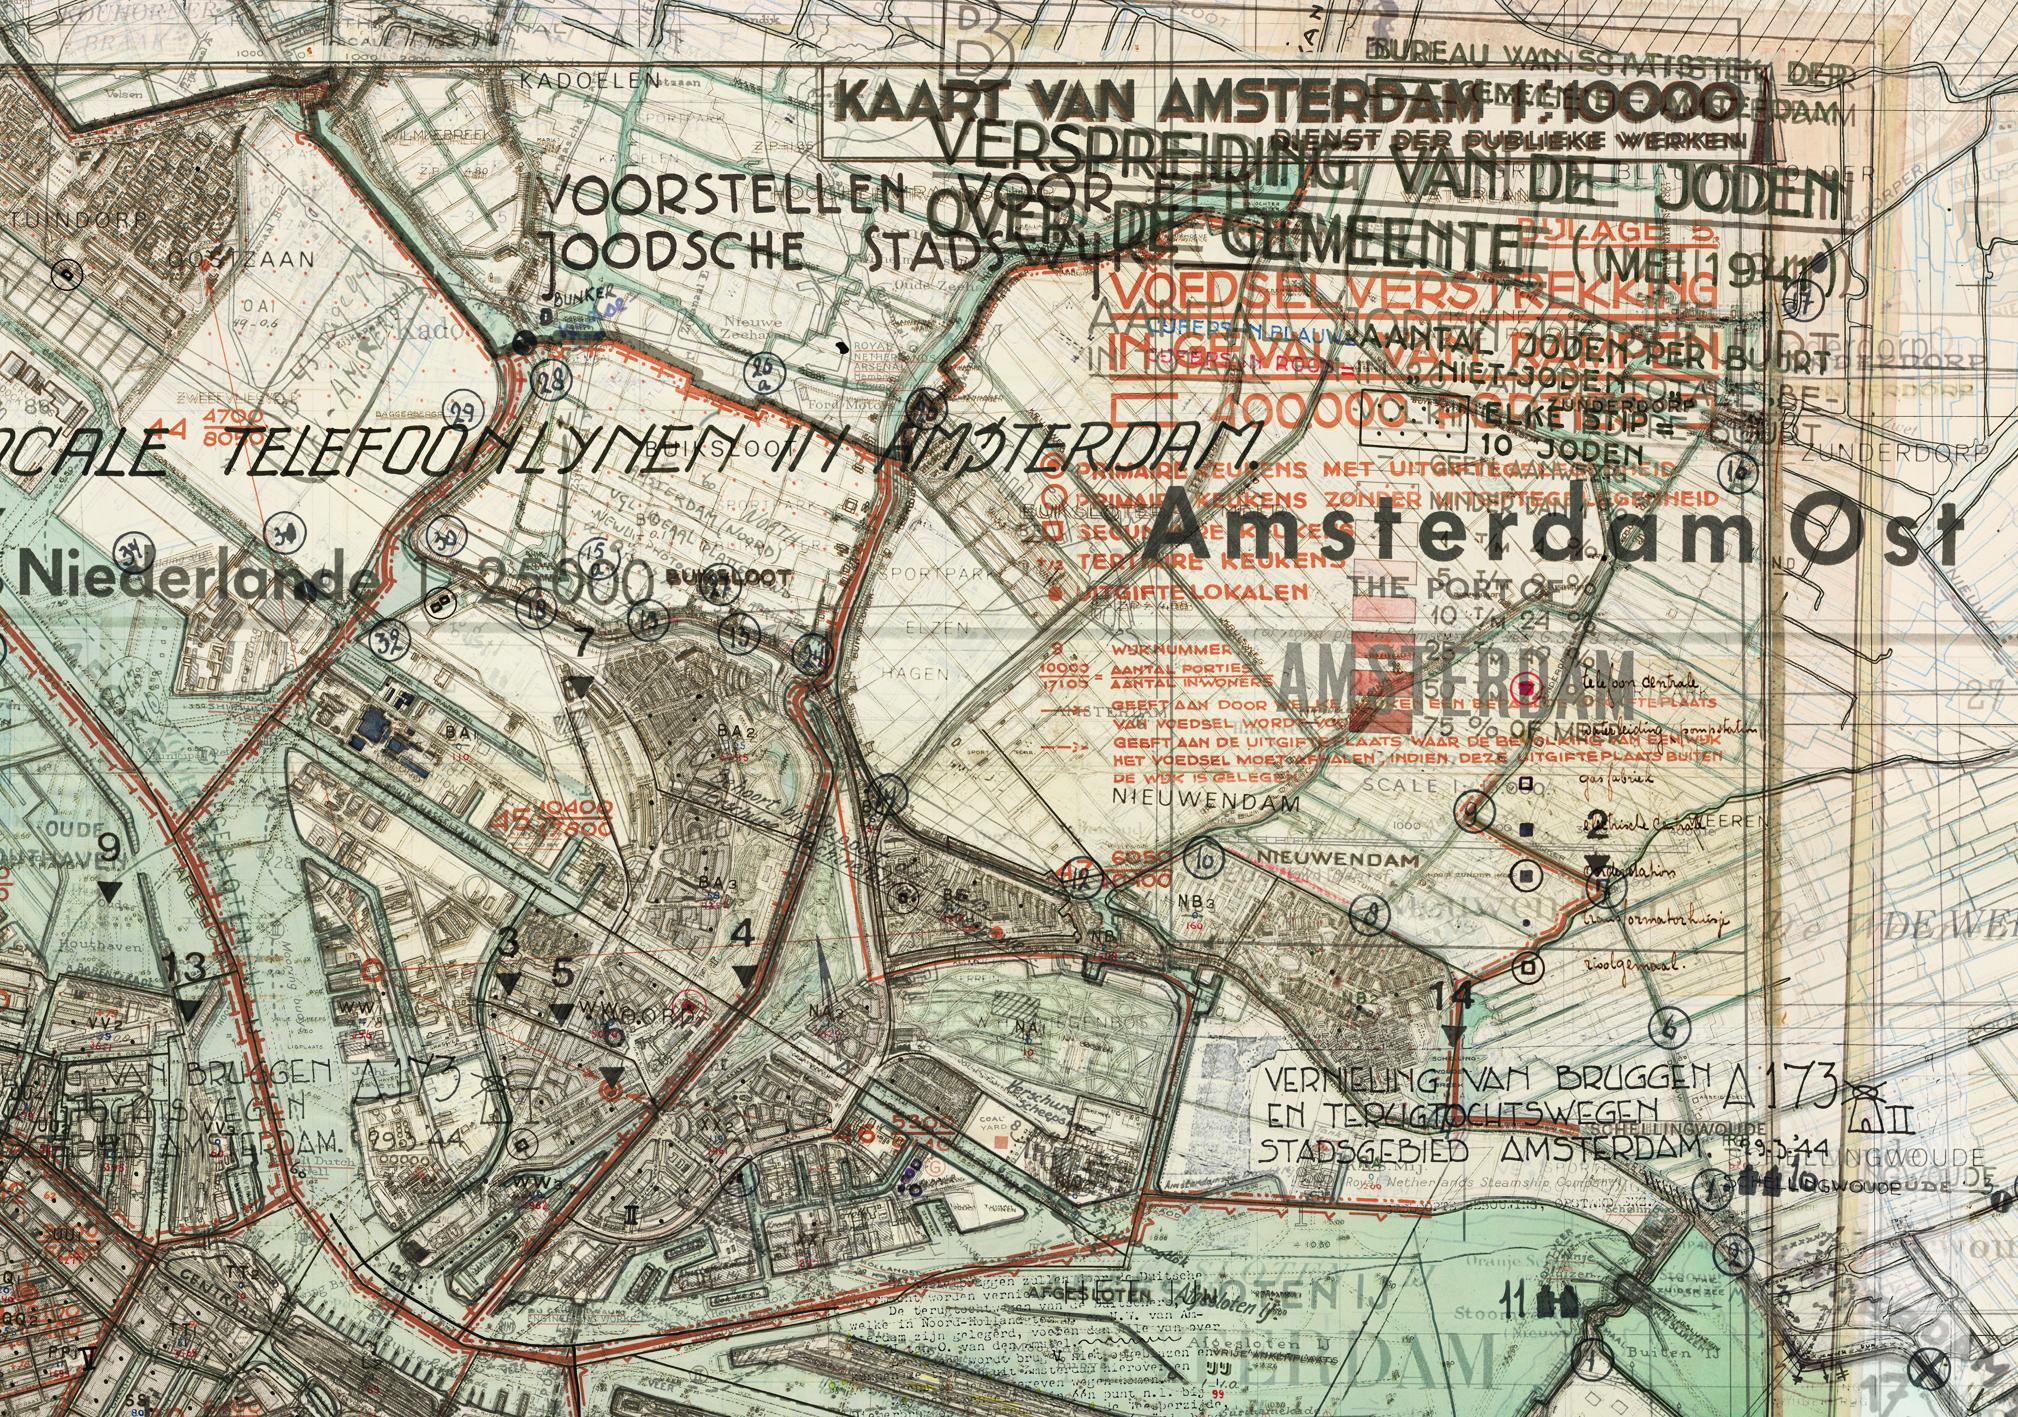 depictions_of_amsterdamlegendawebsite